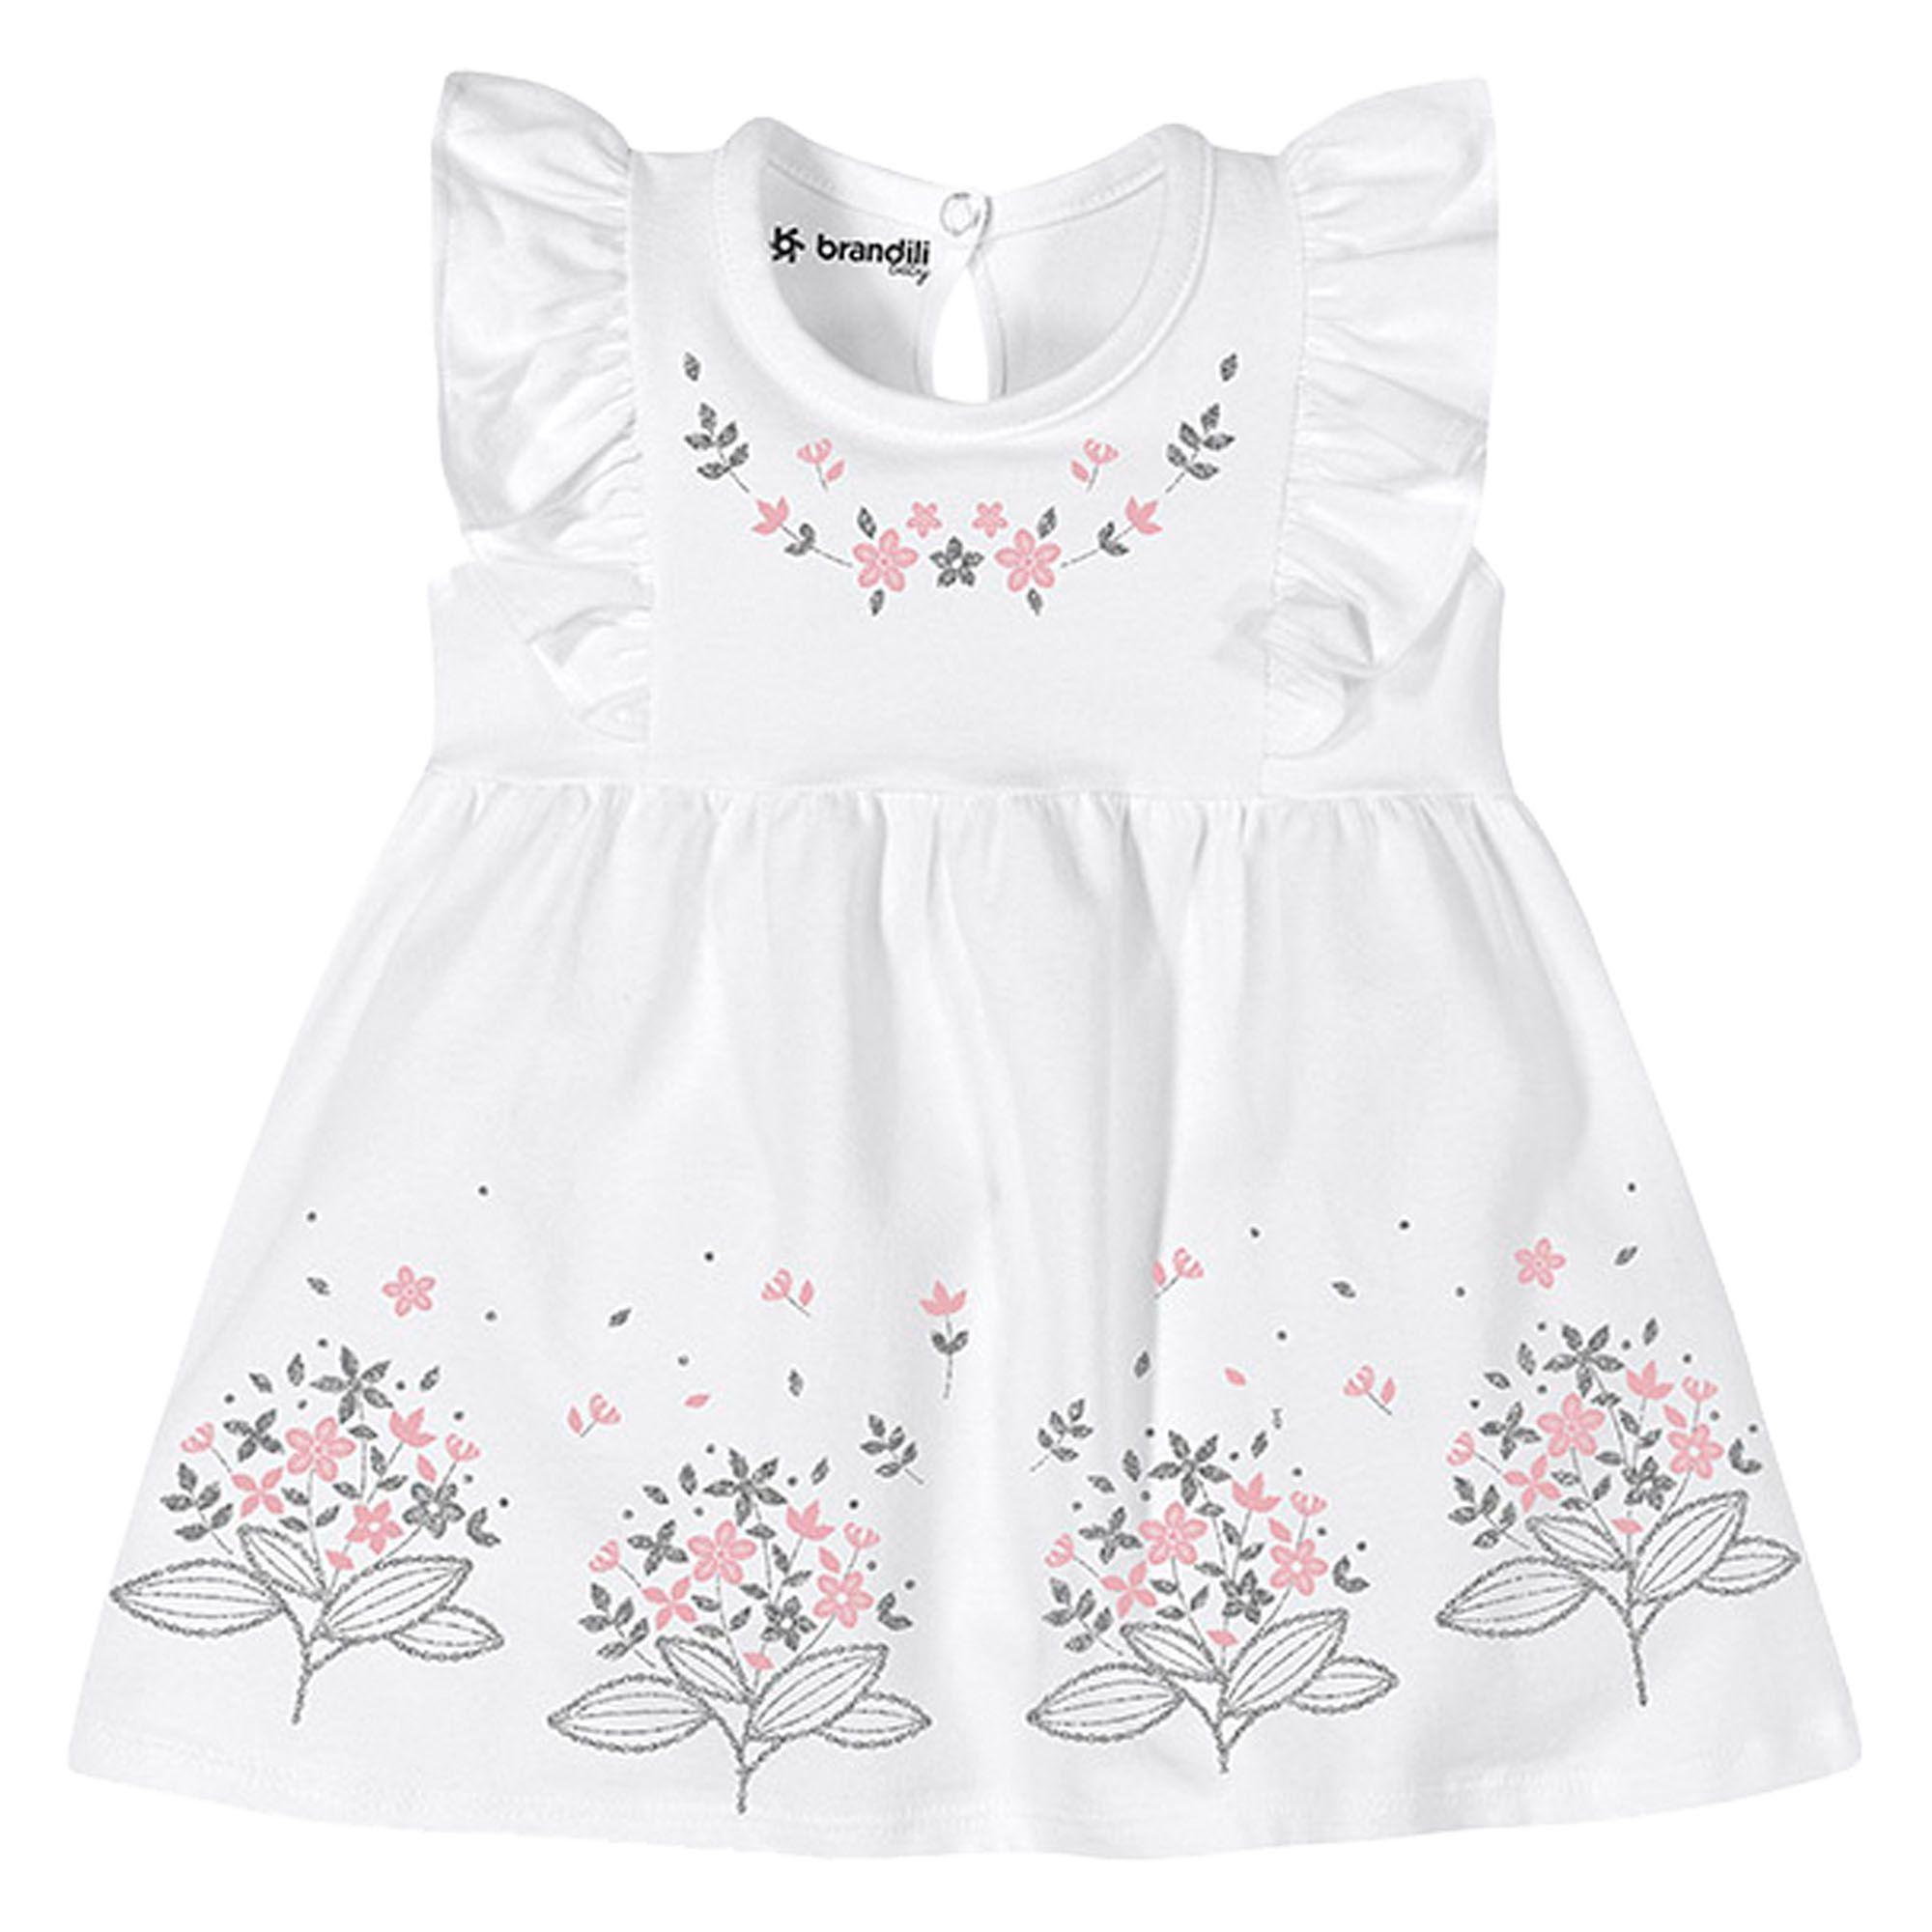 Vestido Verão Brandili Baby Estampa Ramalhete Flores - P ao G